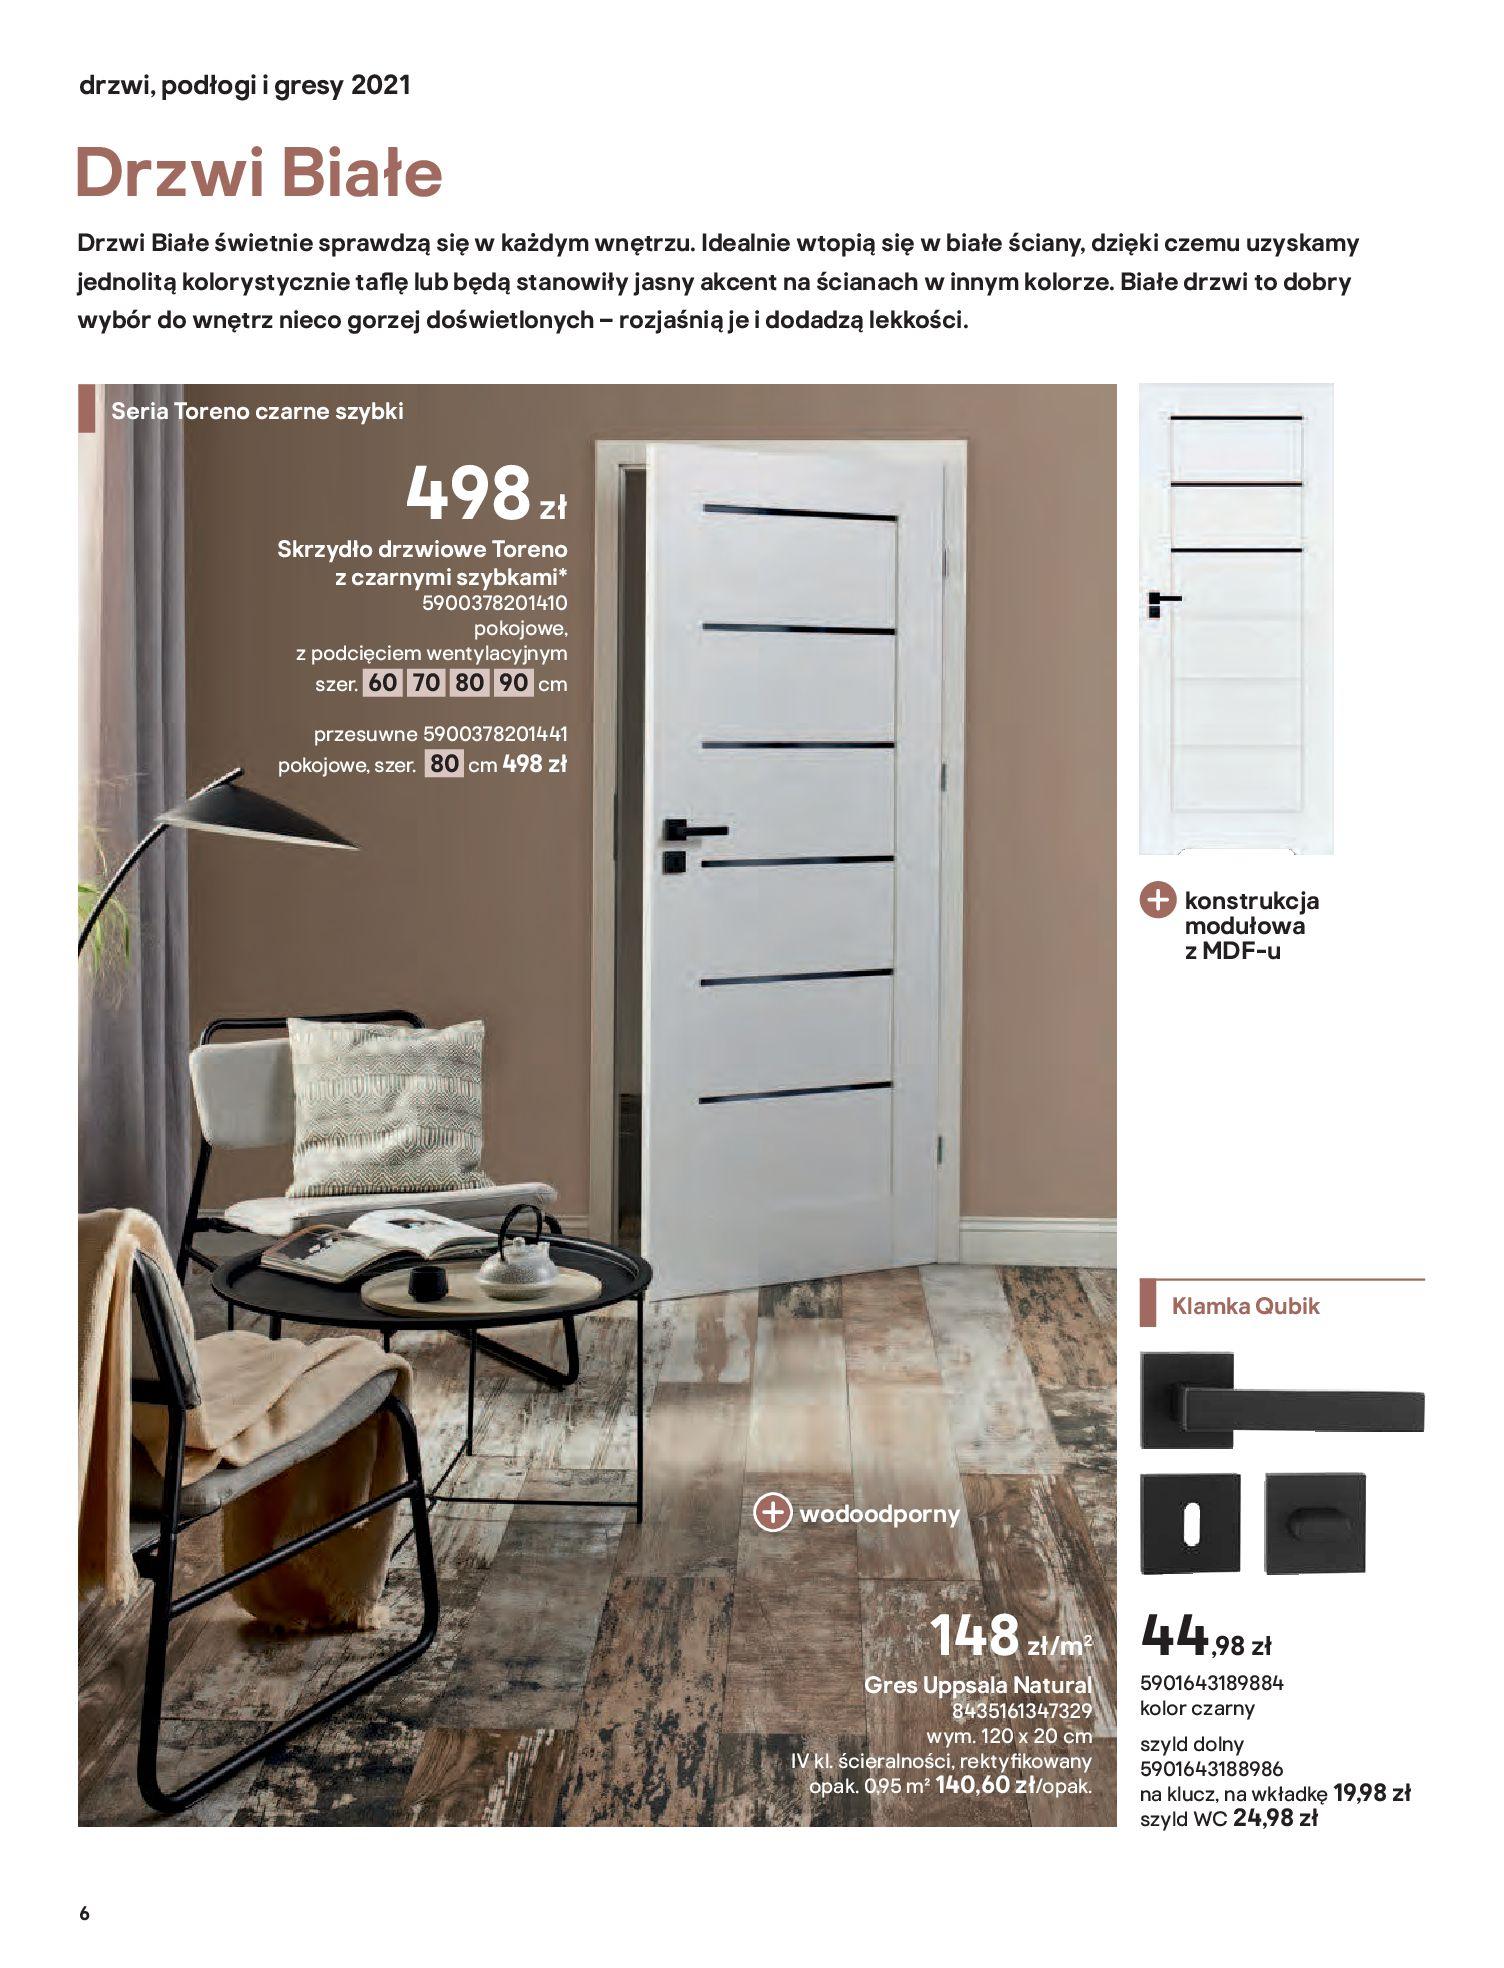 Gazetka Castorama: Gazetka Castorama - Przewodnik drzwi i podłogi 2021 2021-08-11 page-6